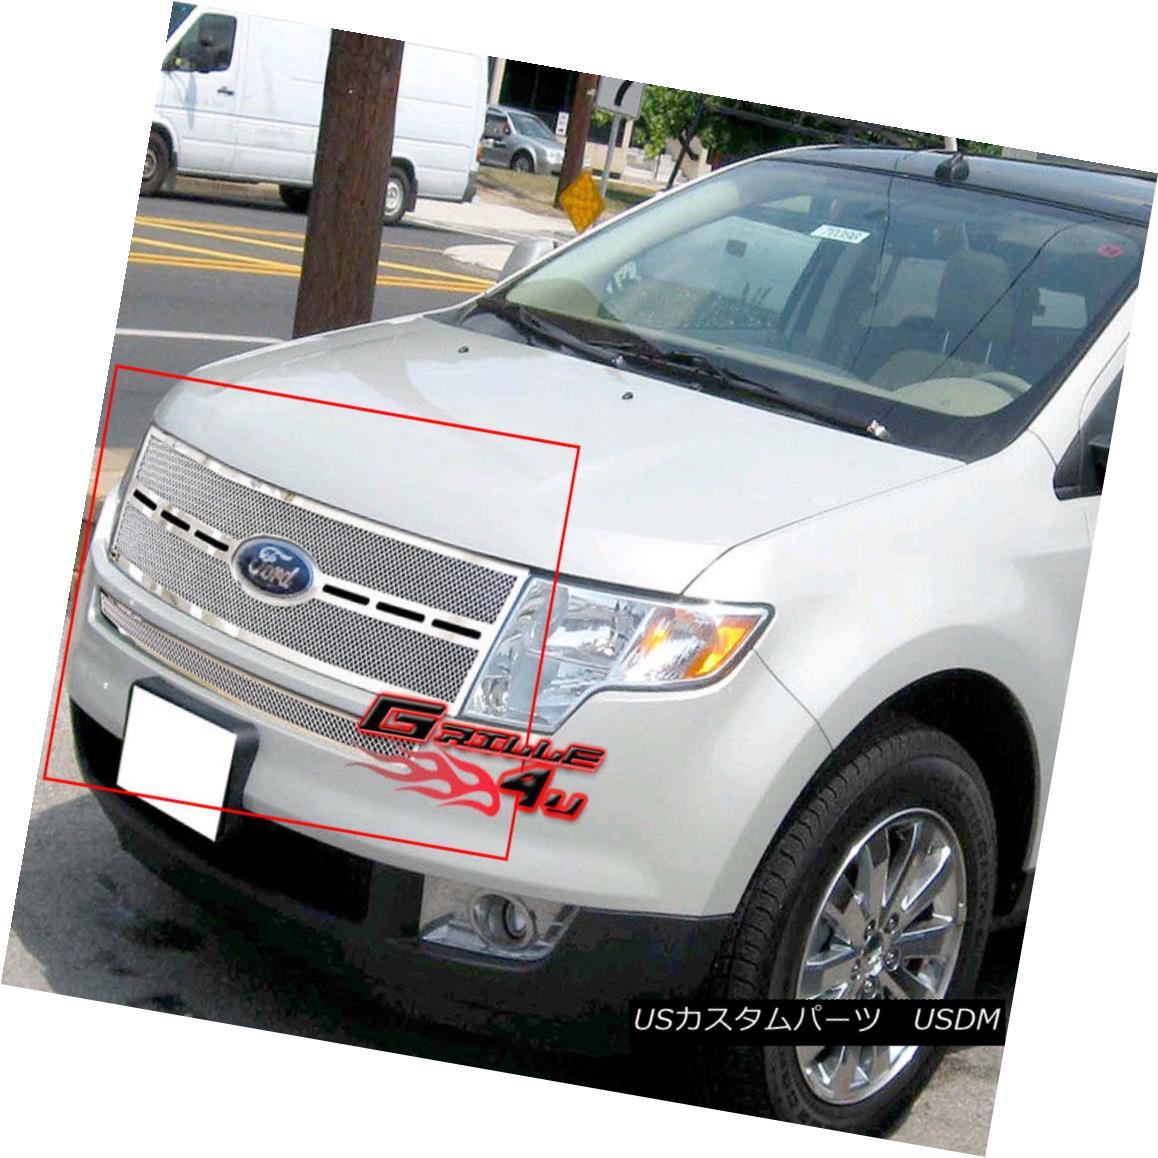 グリル Fits 2007-2010 Ford Edge Stainless Steel Mesh Grille Insert フィット2007-2010フォードエッジステンレスメッシュグリルインサート